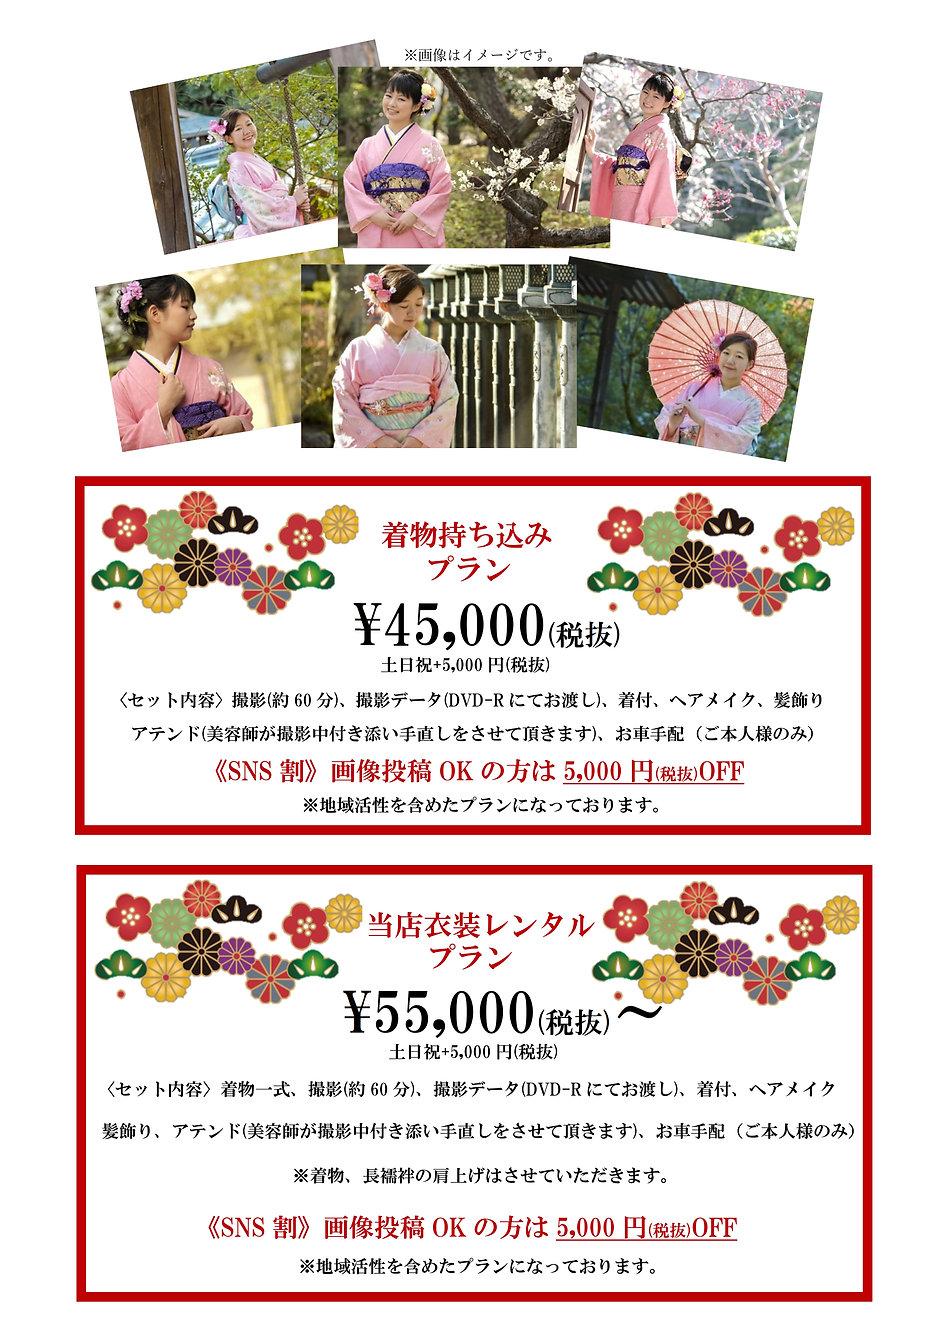 十三参り-002.jpg